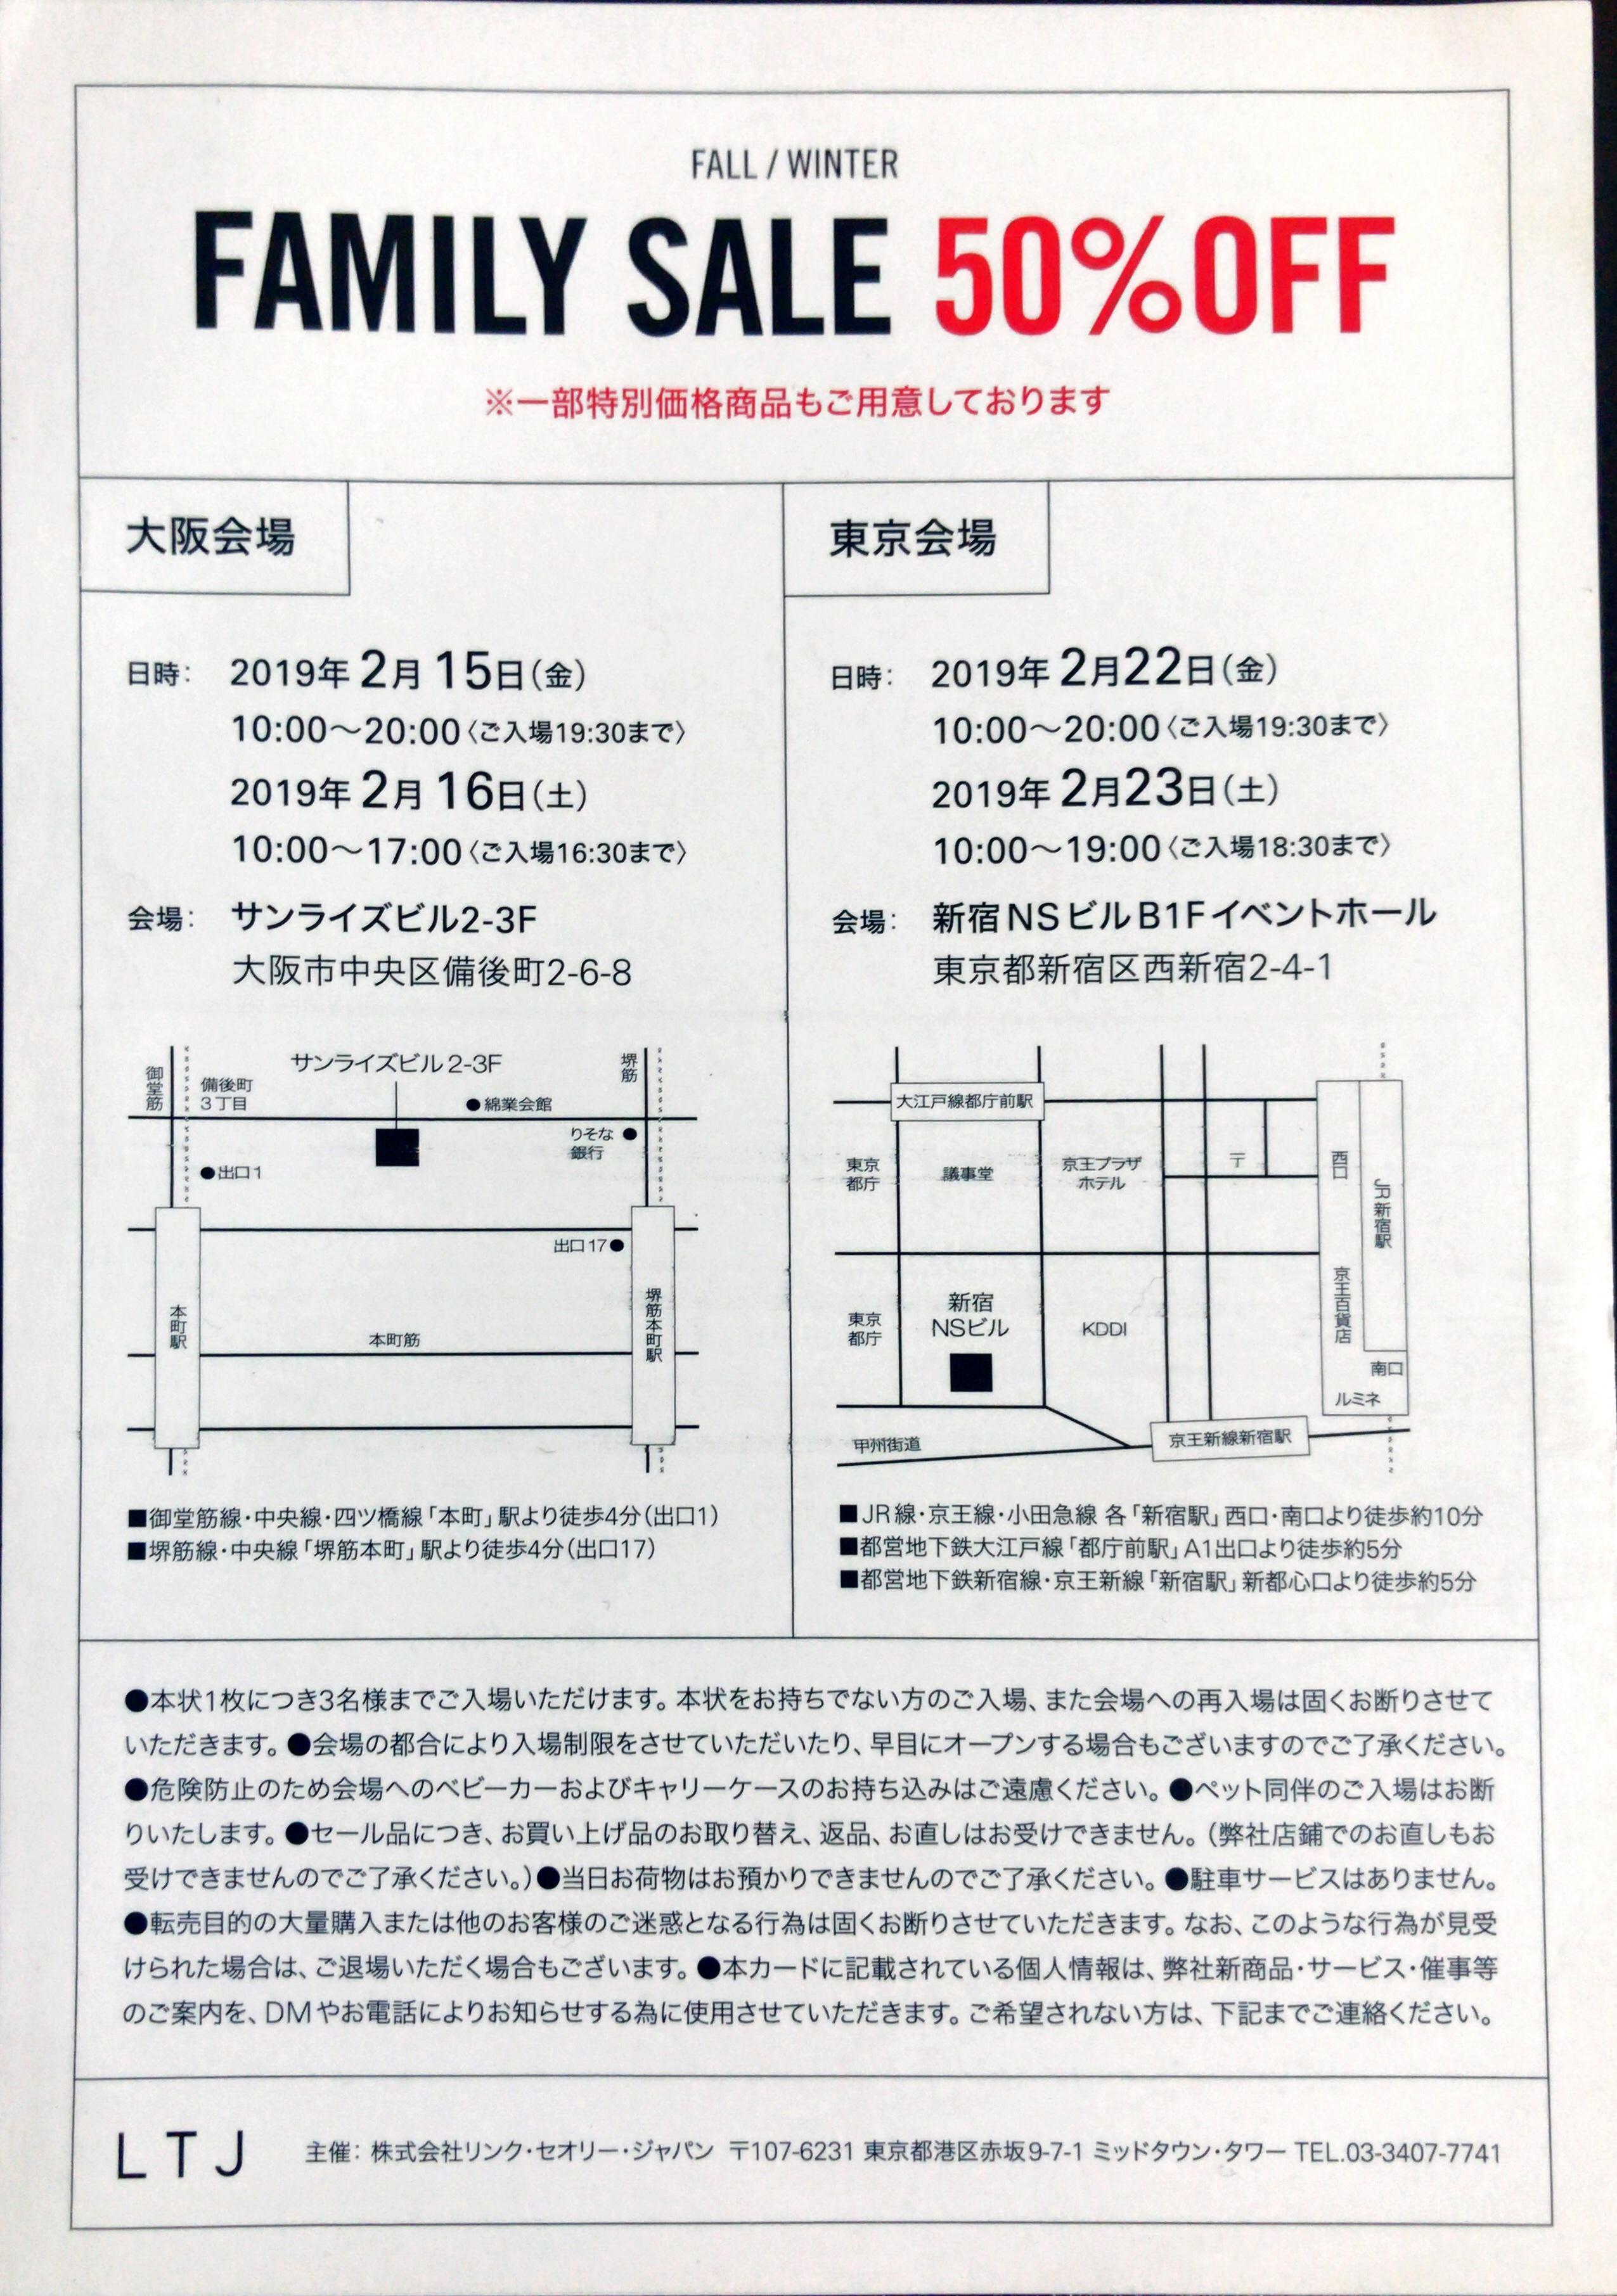 セオリー、PLST(プラステ)などリンク・セオリーグループ ファミリーセール (大阪・東京)2019年2月